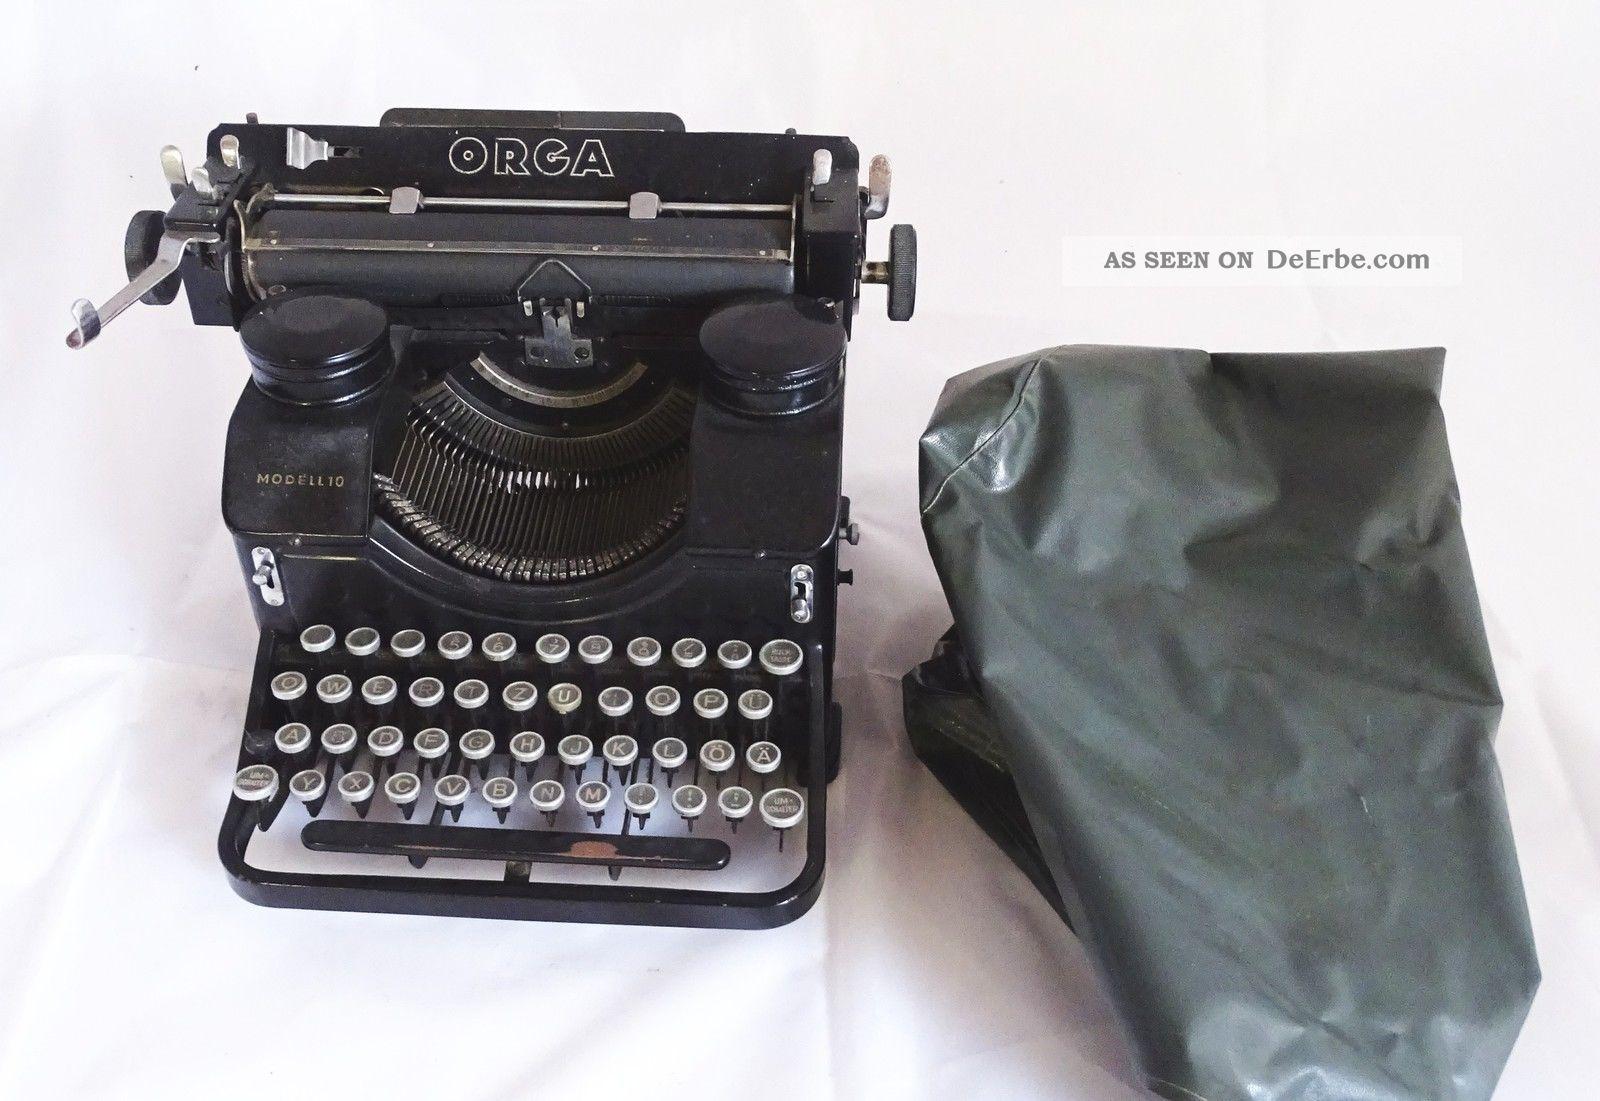 Antike Schreibmaschine Orga Modell 10 Mit Haube - Antike Raritäten Antike Bürotechnik Bild